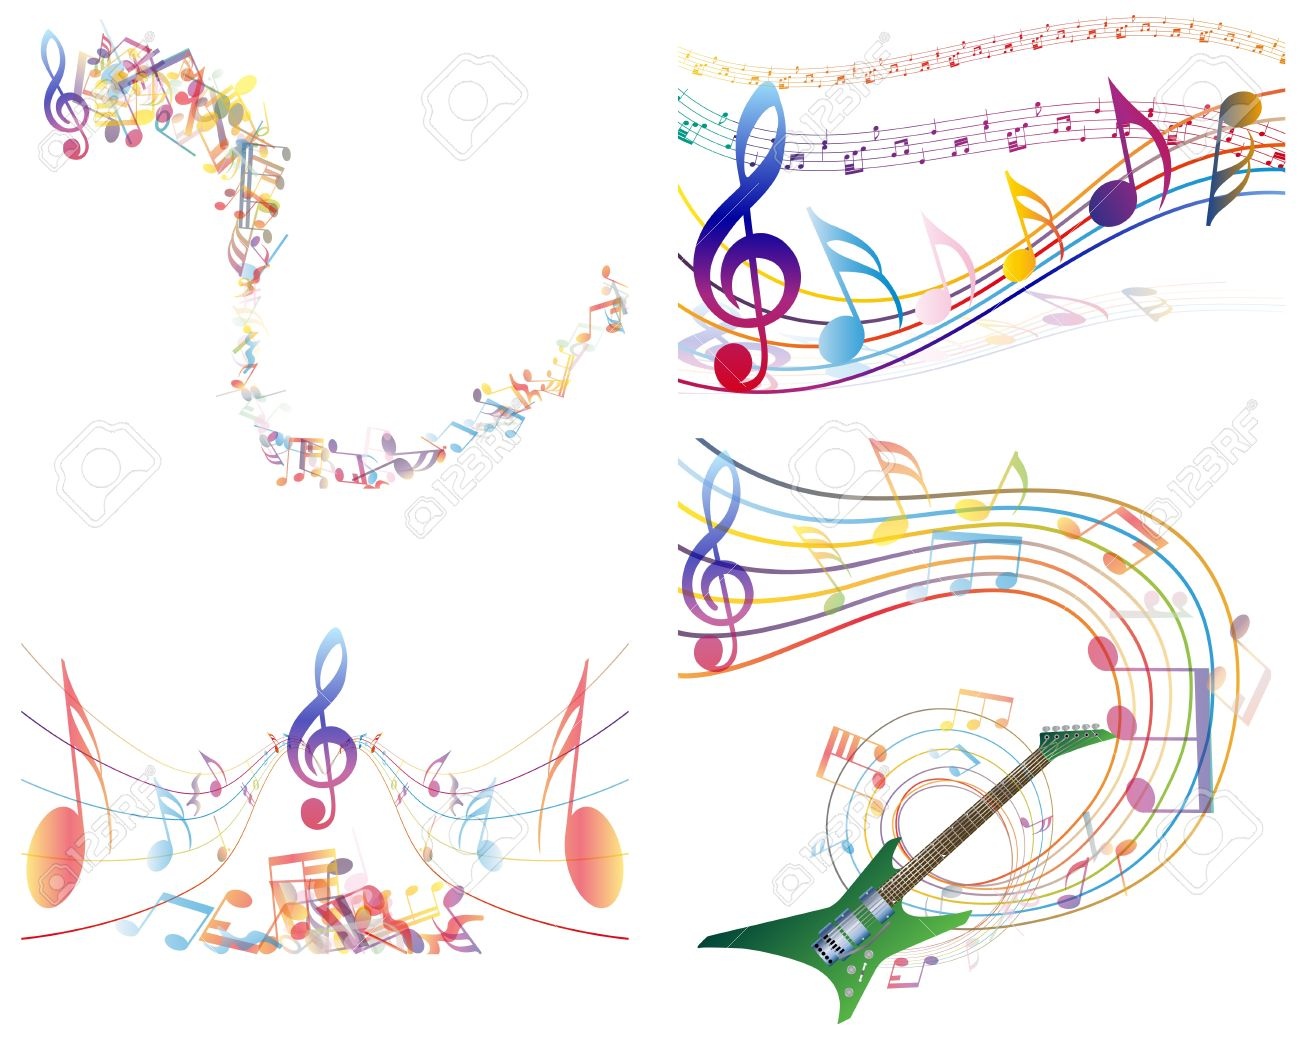 マルチカラー音楽ノート スタッフ背景。透明なイラスト ロイヤリティ